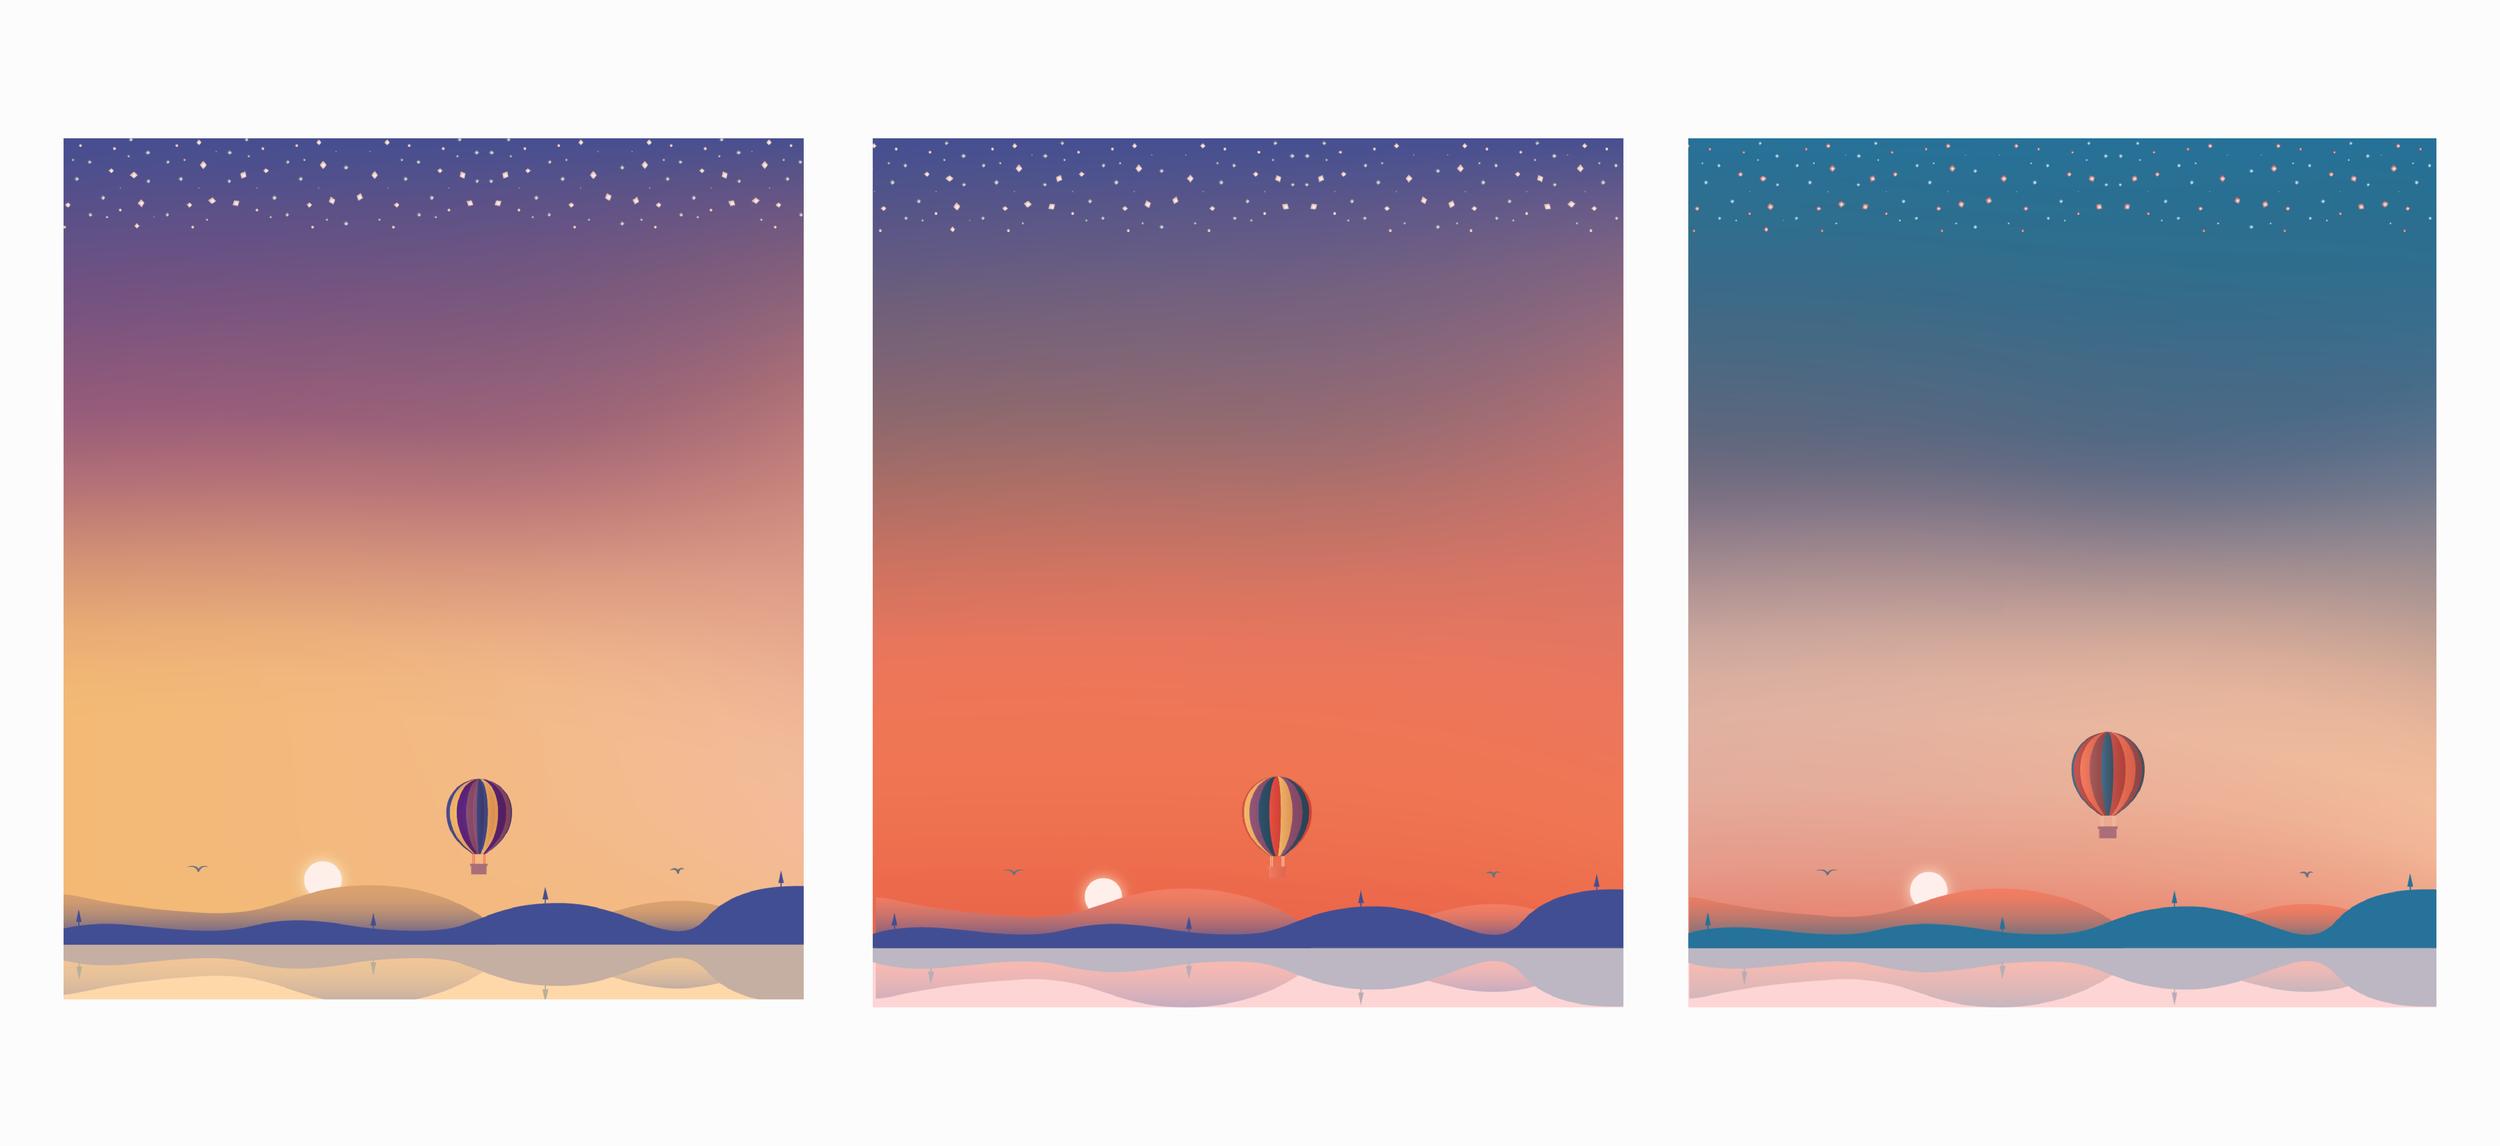 Color Exploration